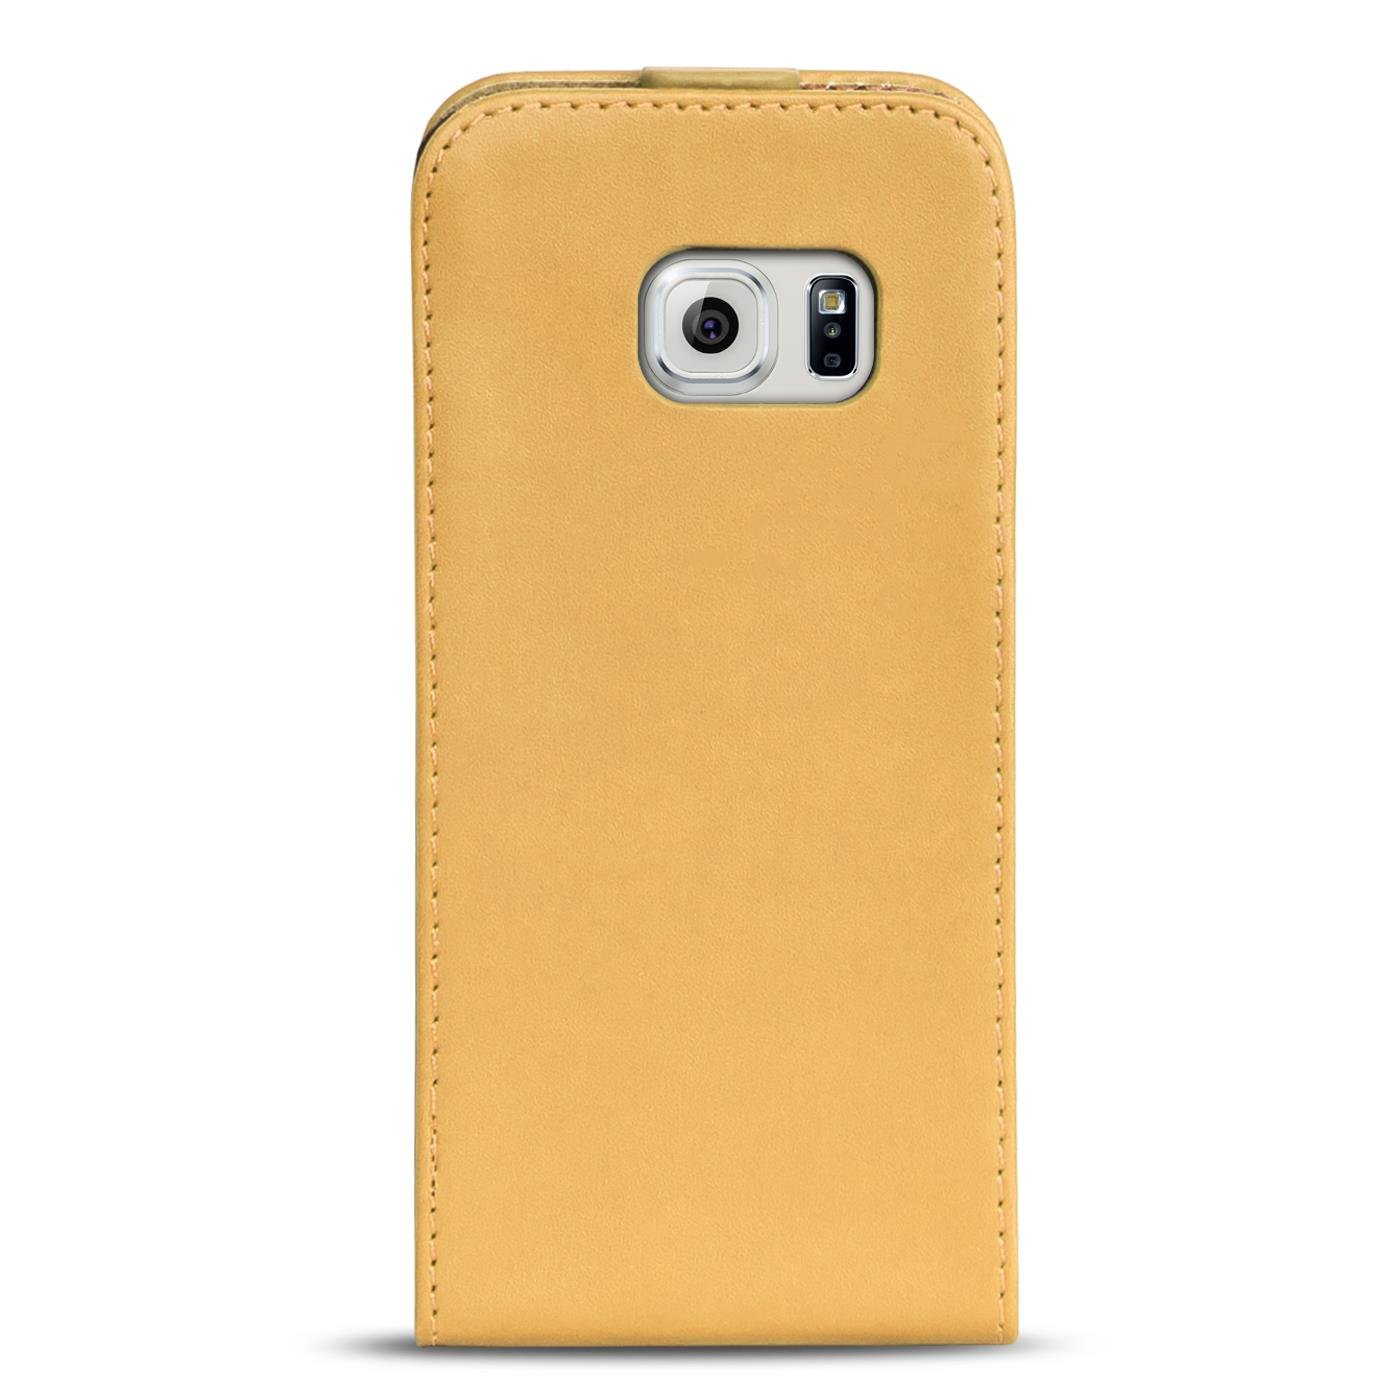 Klapphuelle-Samsung-Galaxy-Flip-Case-Tasche-Schutzhuelle-Cover-Schutz-Handy-Huelle Indexbild 41